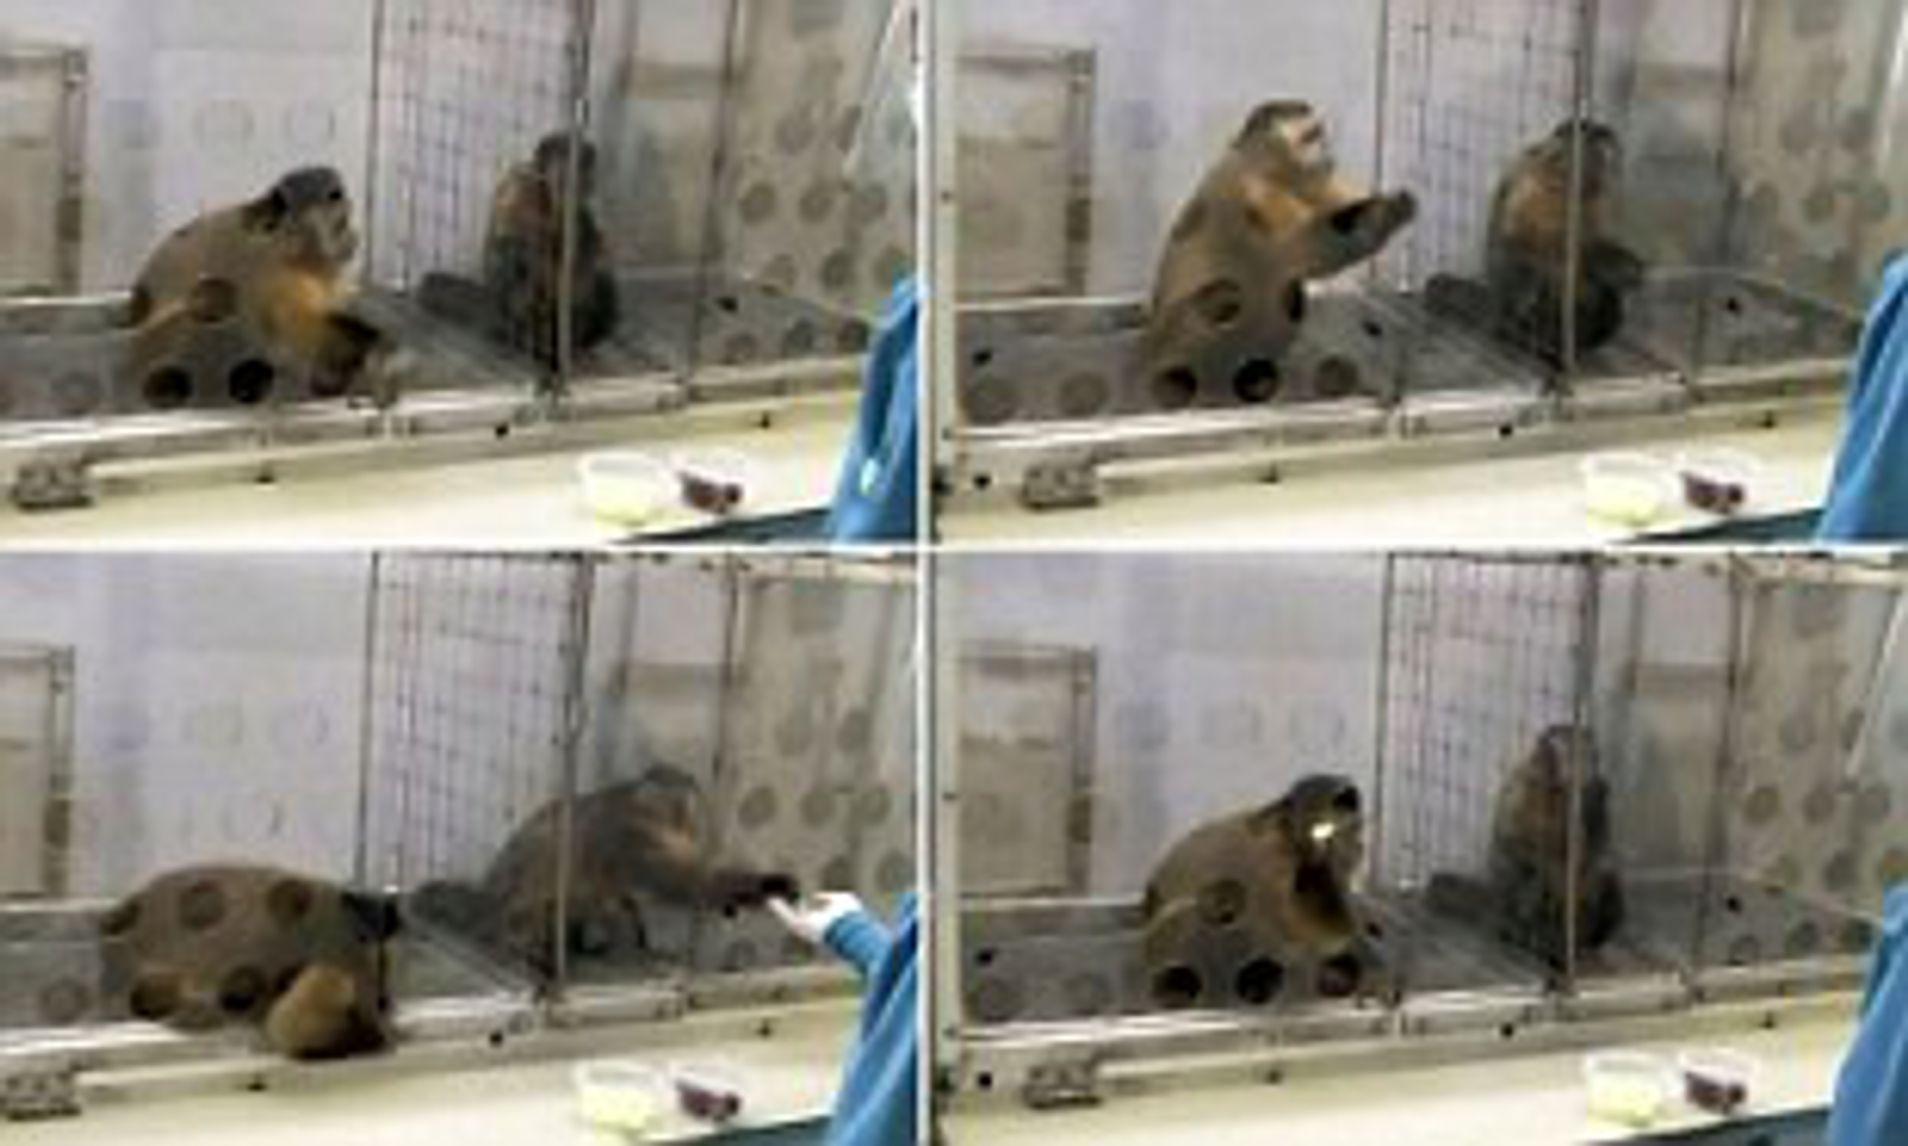 Kapuçin maymunları üzerinde Adaletsizliğe toleransı ölçmek amaçlı yapılan deney